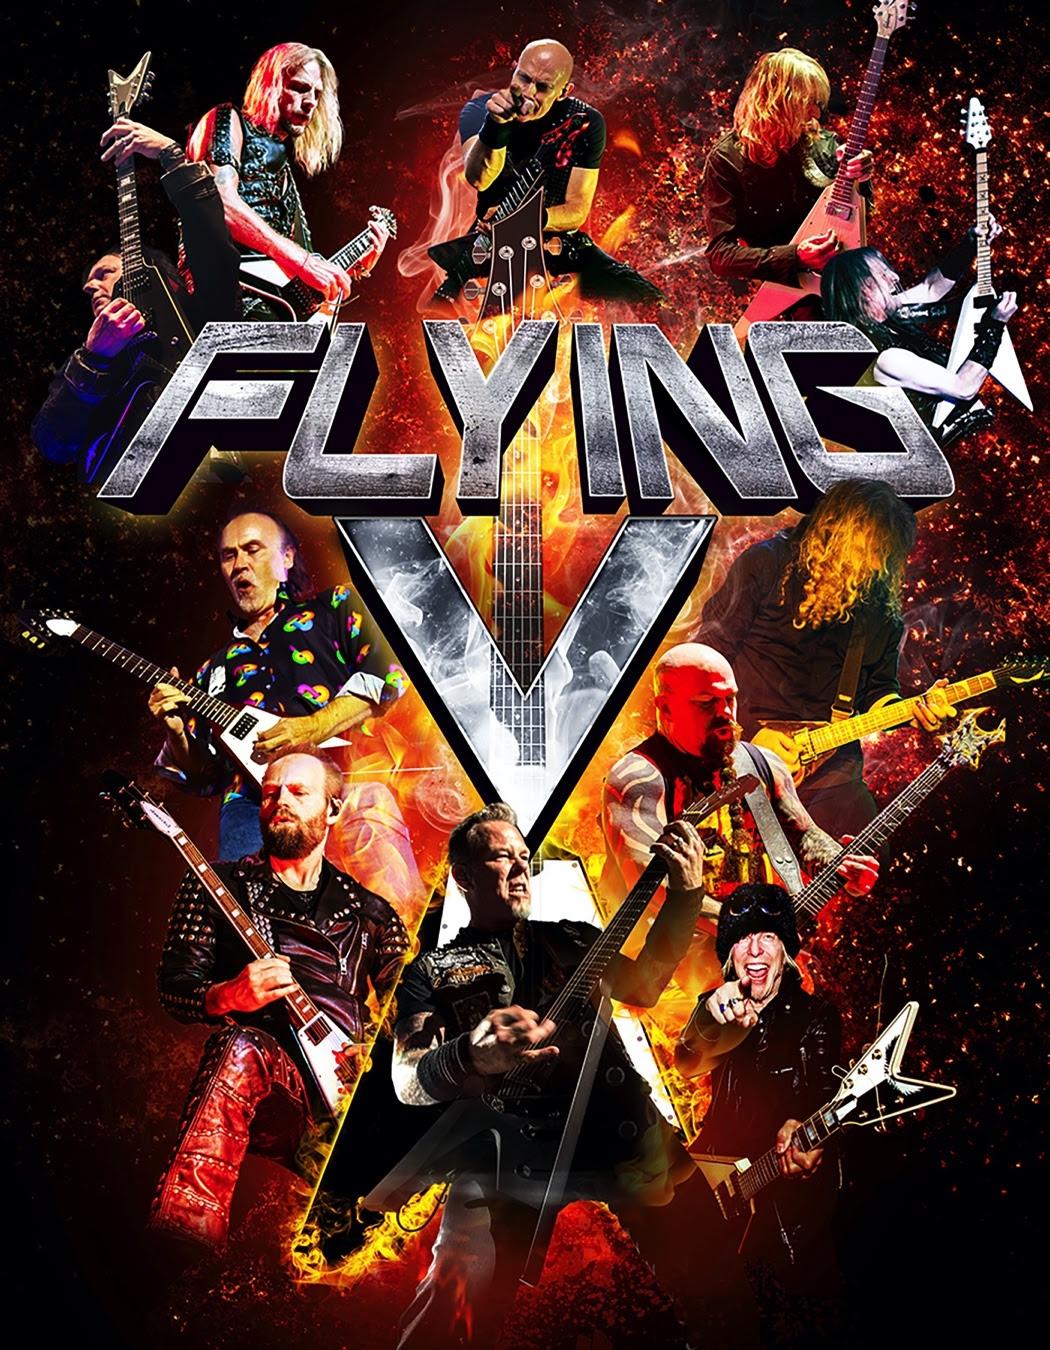 Flying V poster